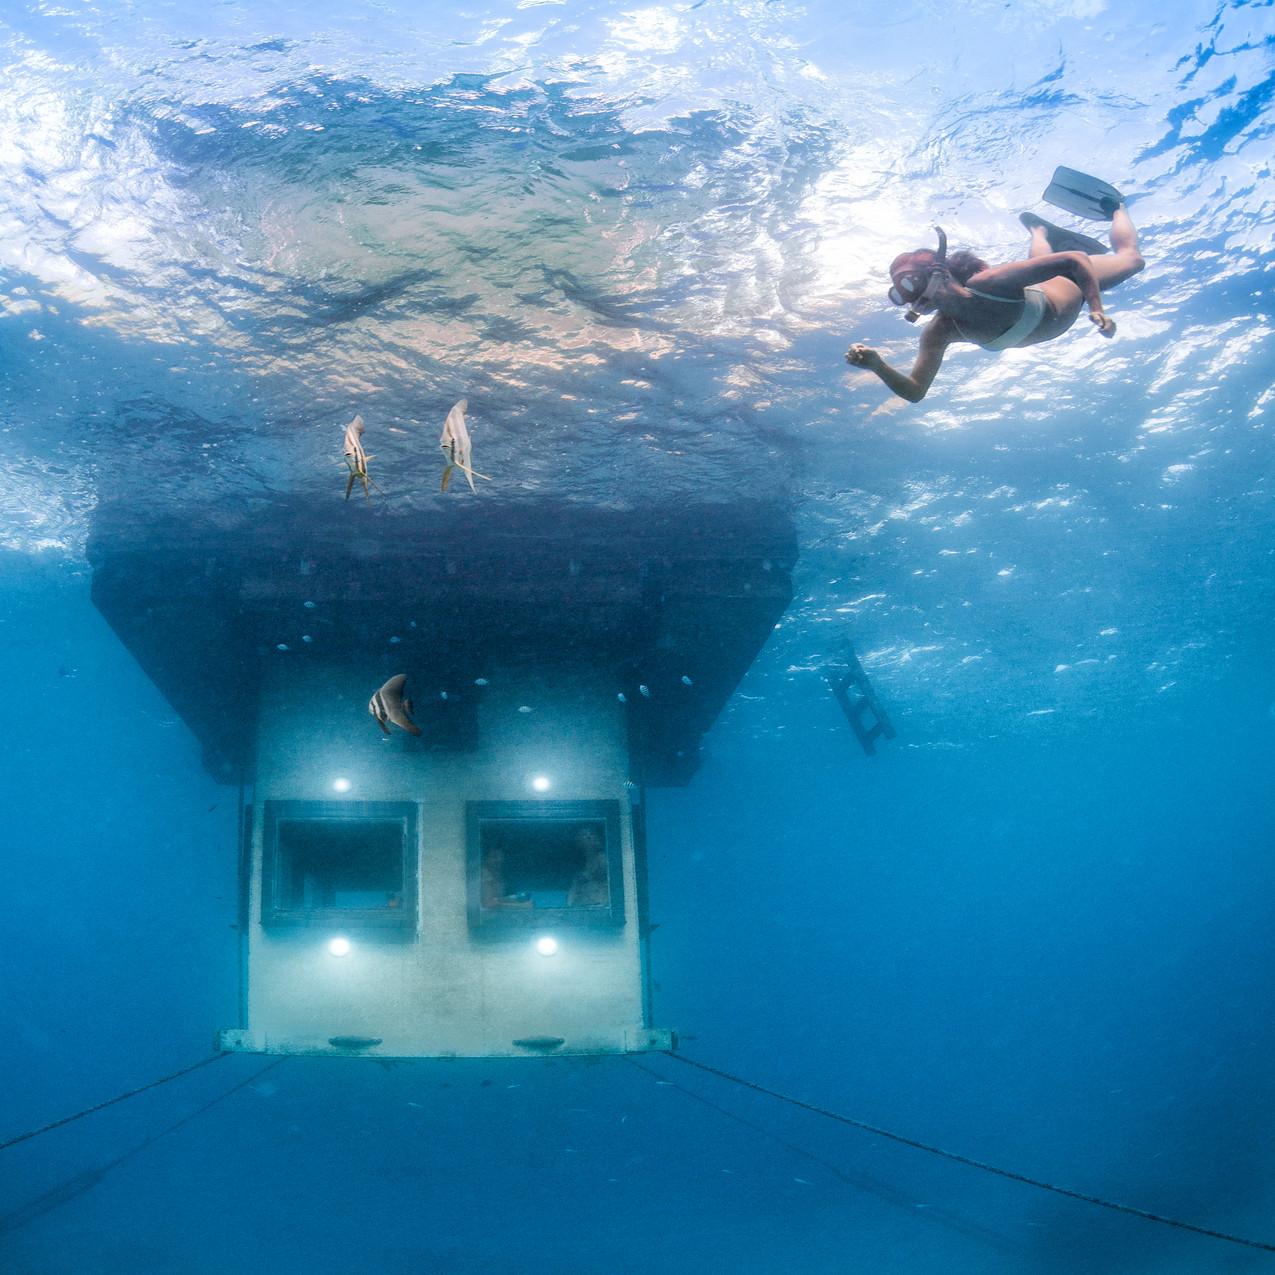 Under water_131007-140935-559